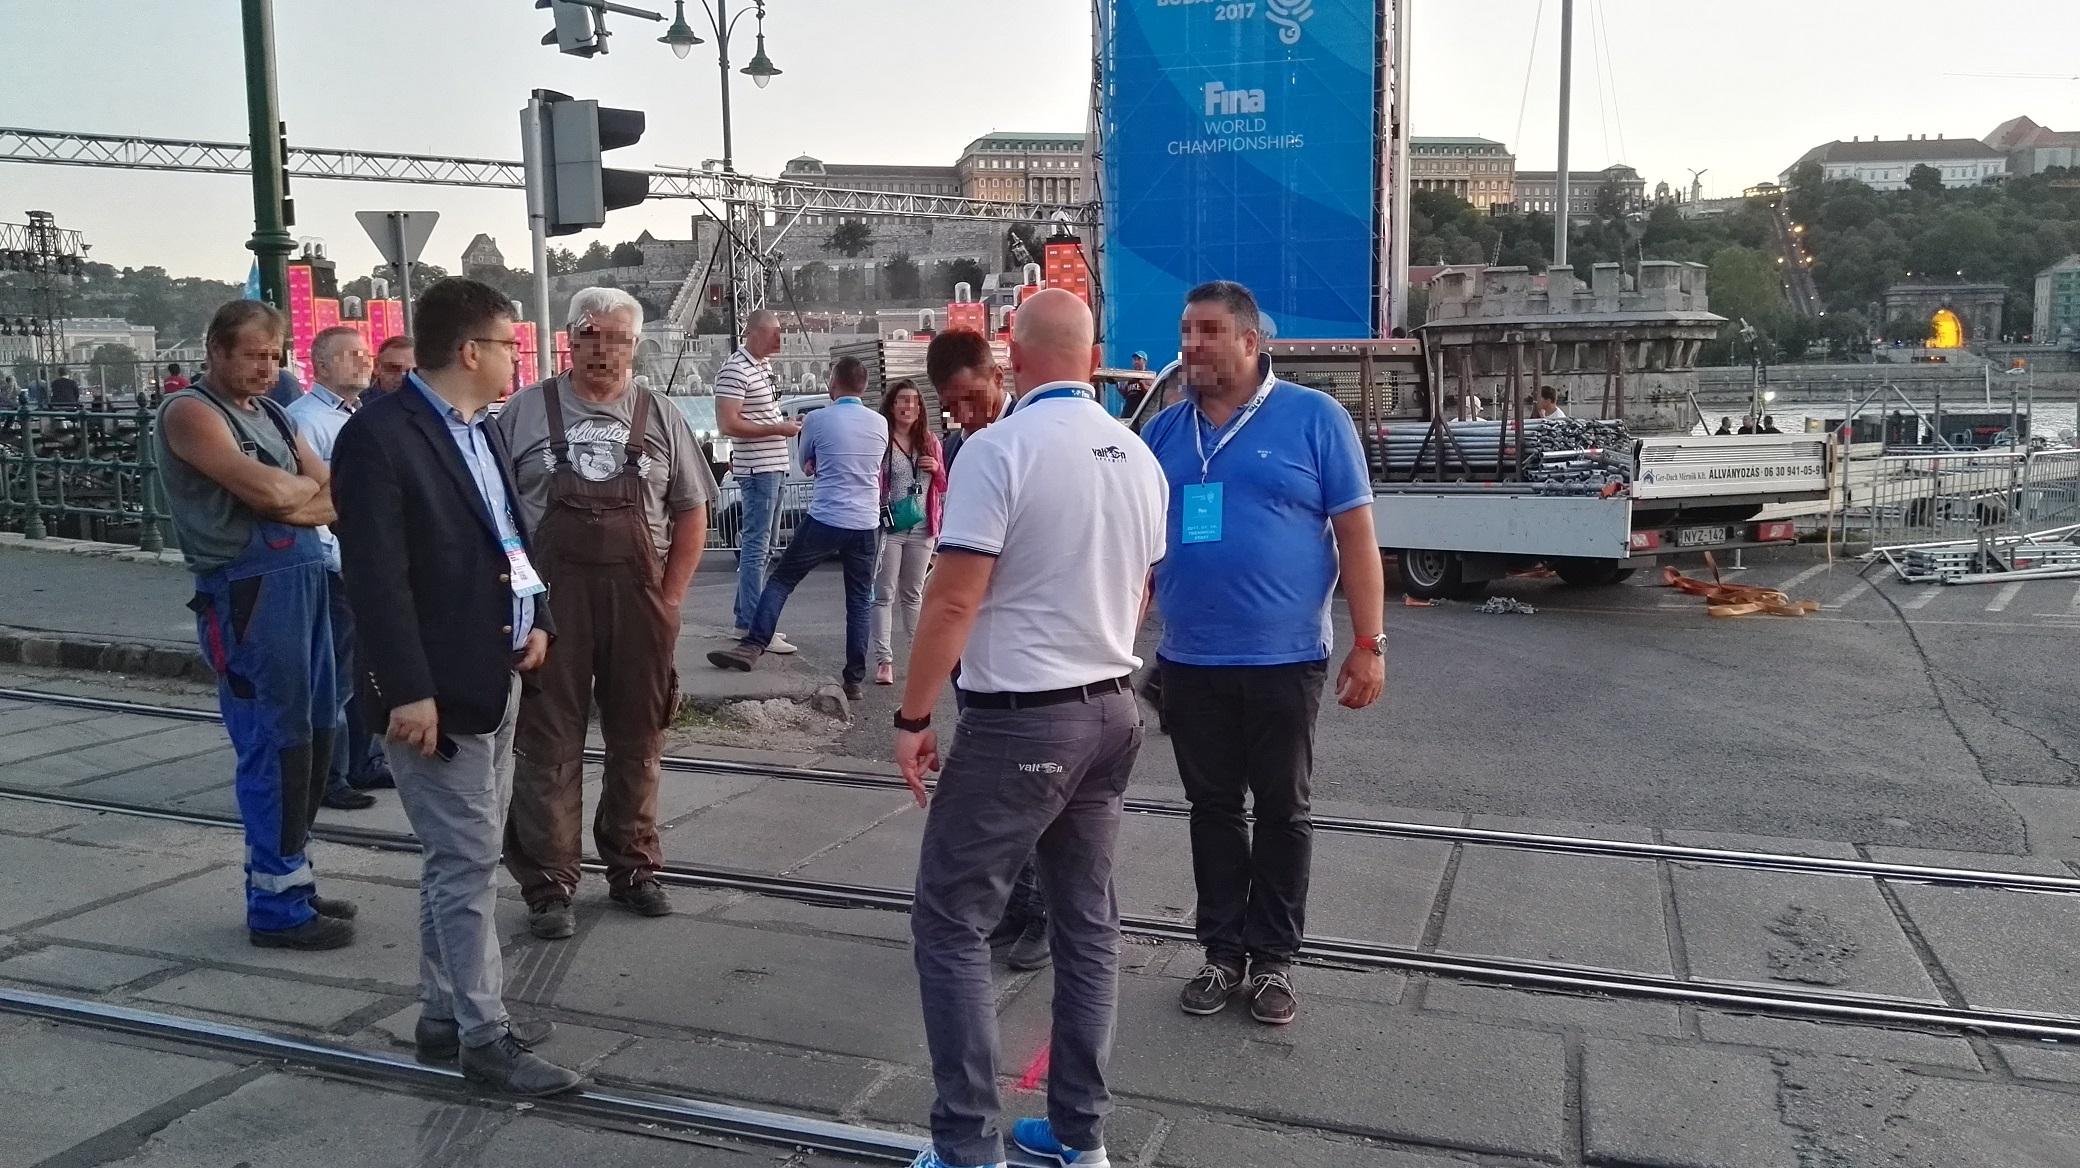 Seszták Miklós fejlesztési miniszter úr maga ment a vizes vb főpróbájára mérőszalaggal méricskélni